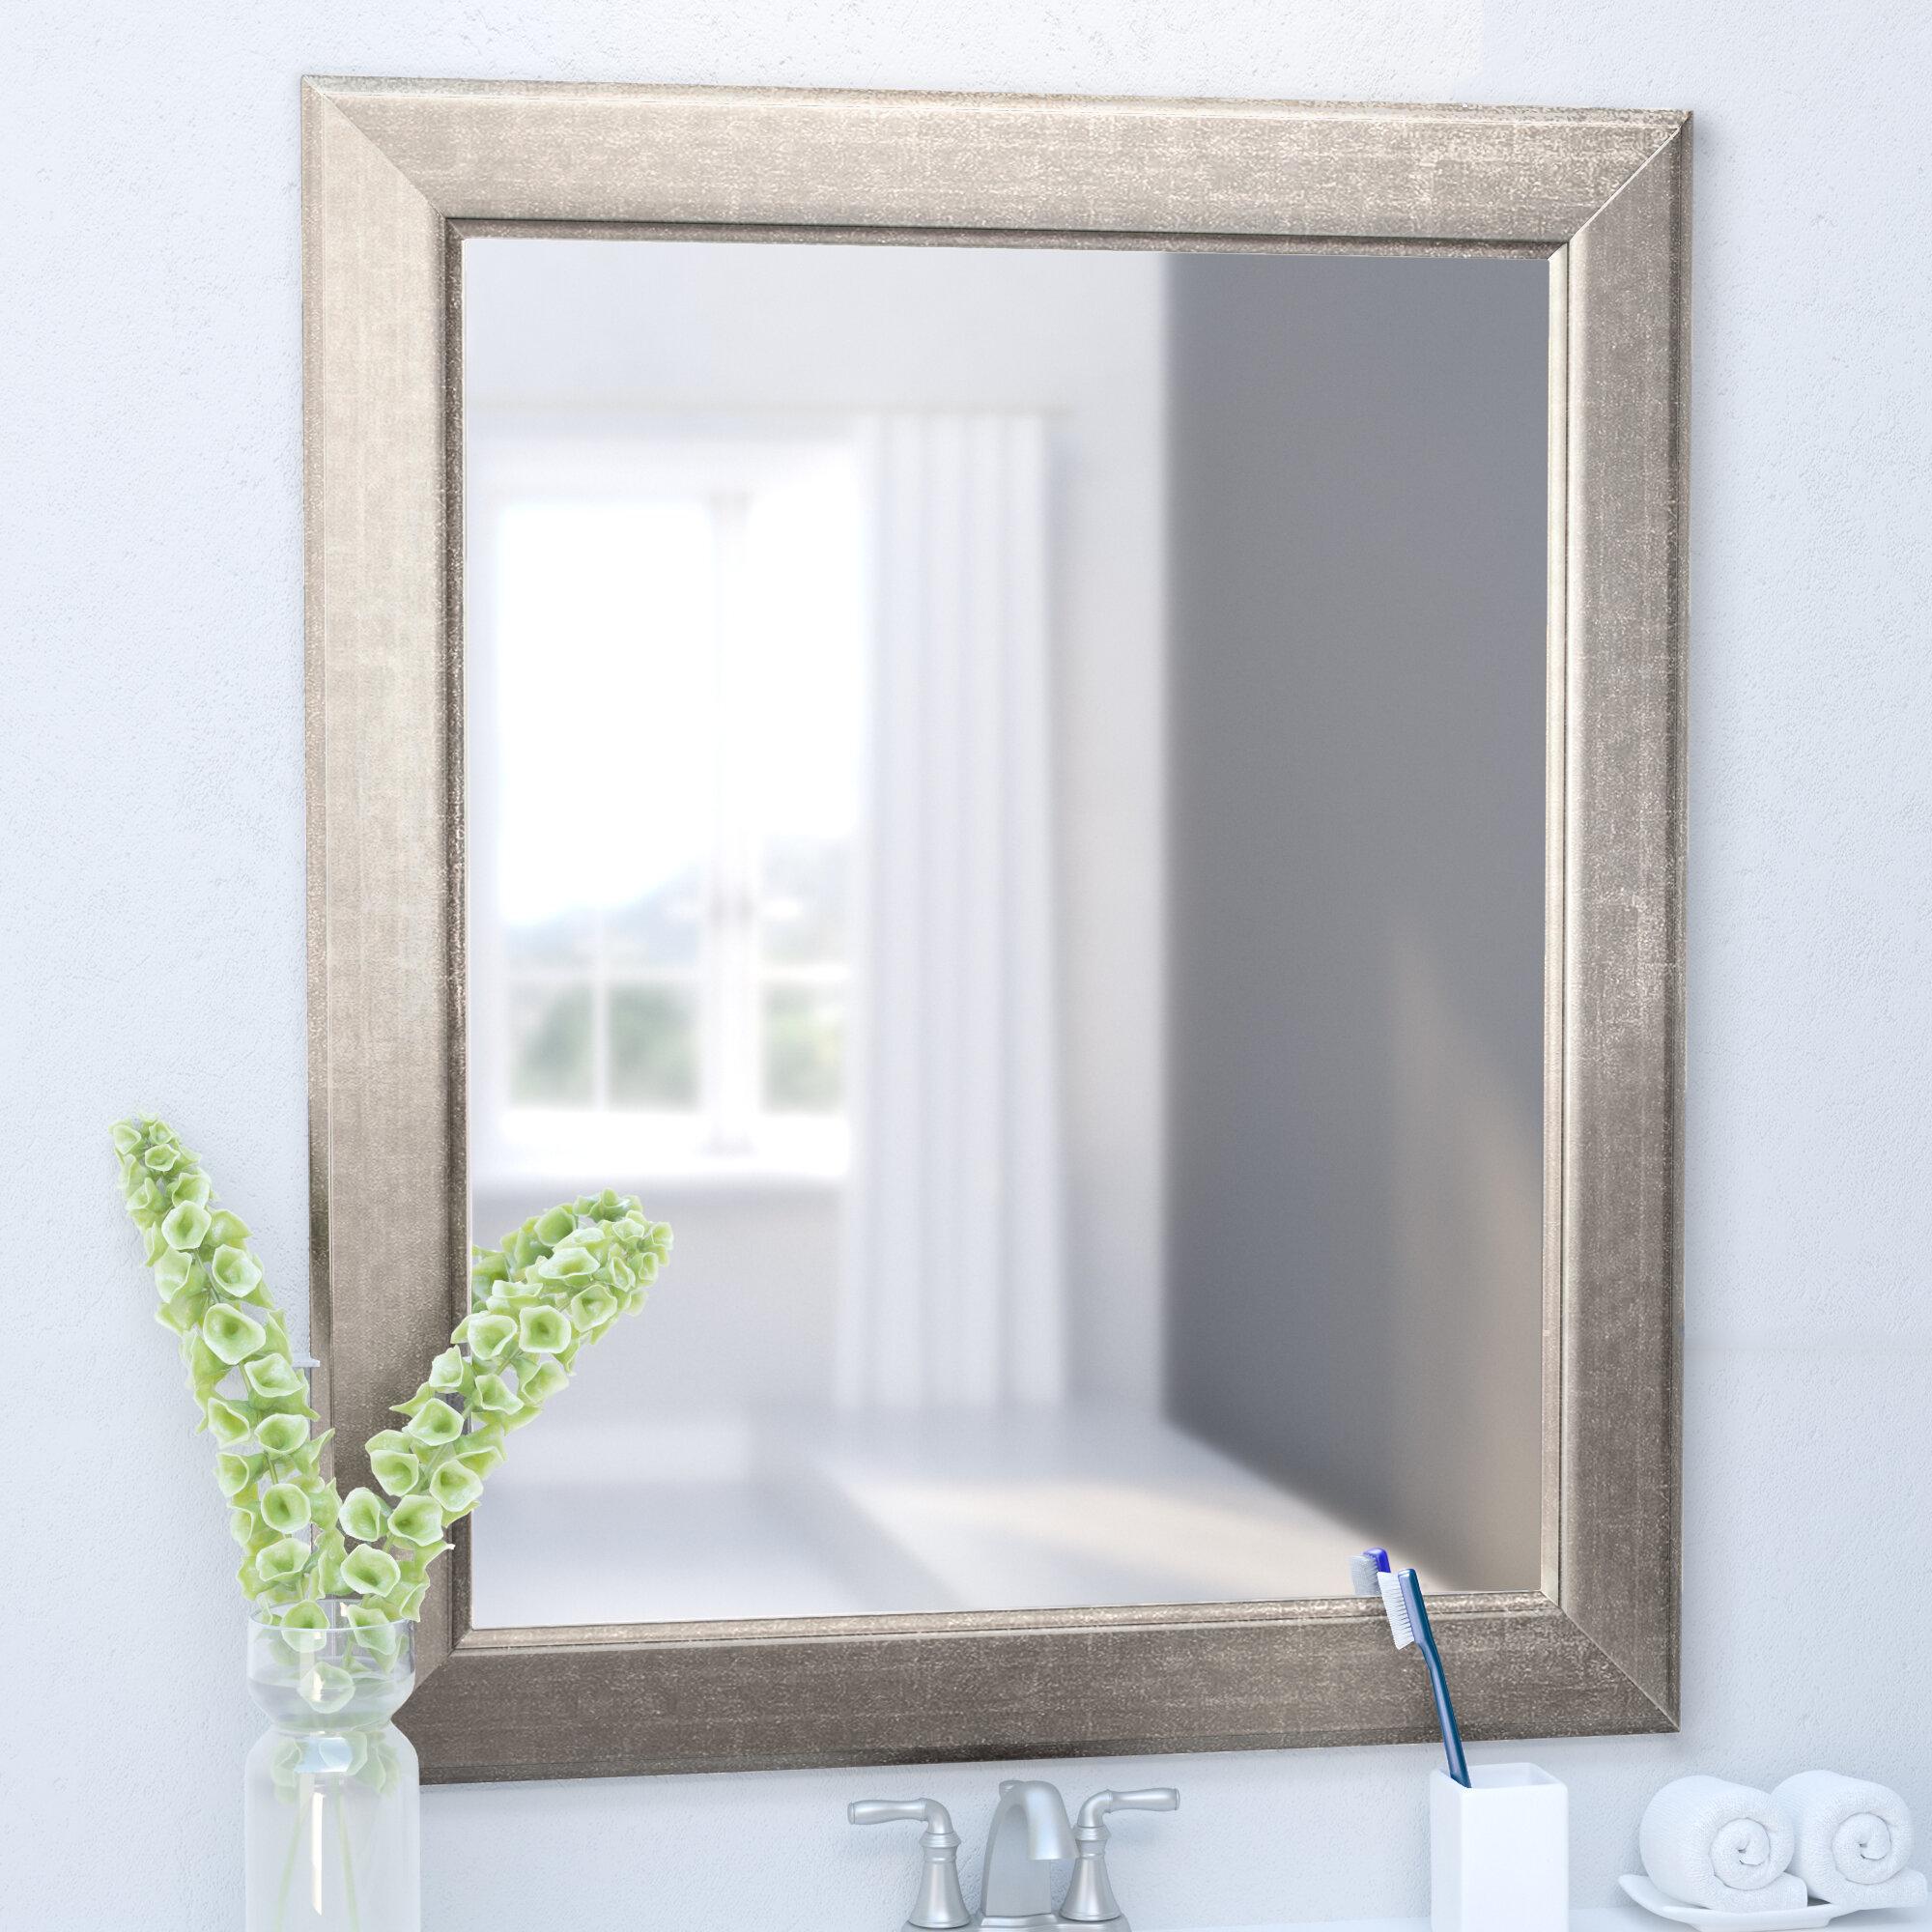 Orren Ellis Garwood Modern Contemporary Subway Design Accent Wall Mirror Reviews Wayfair